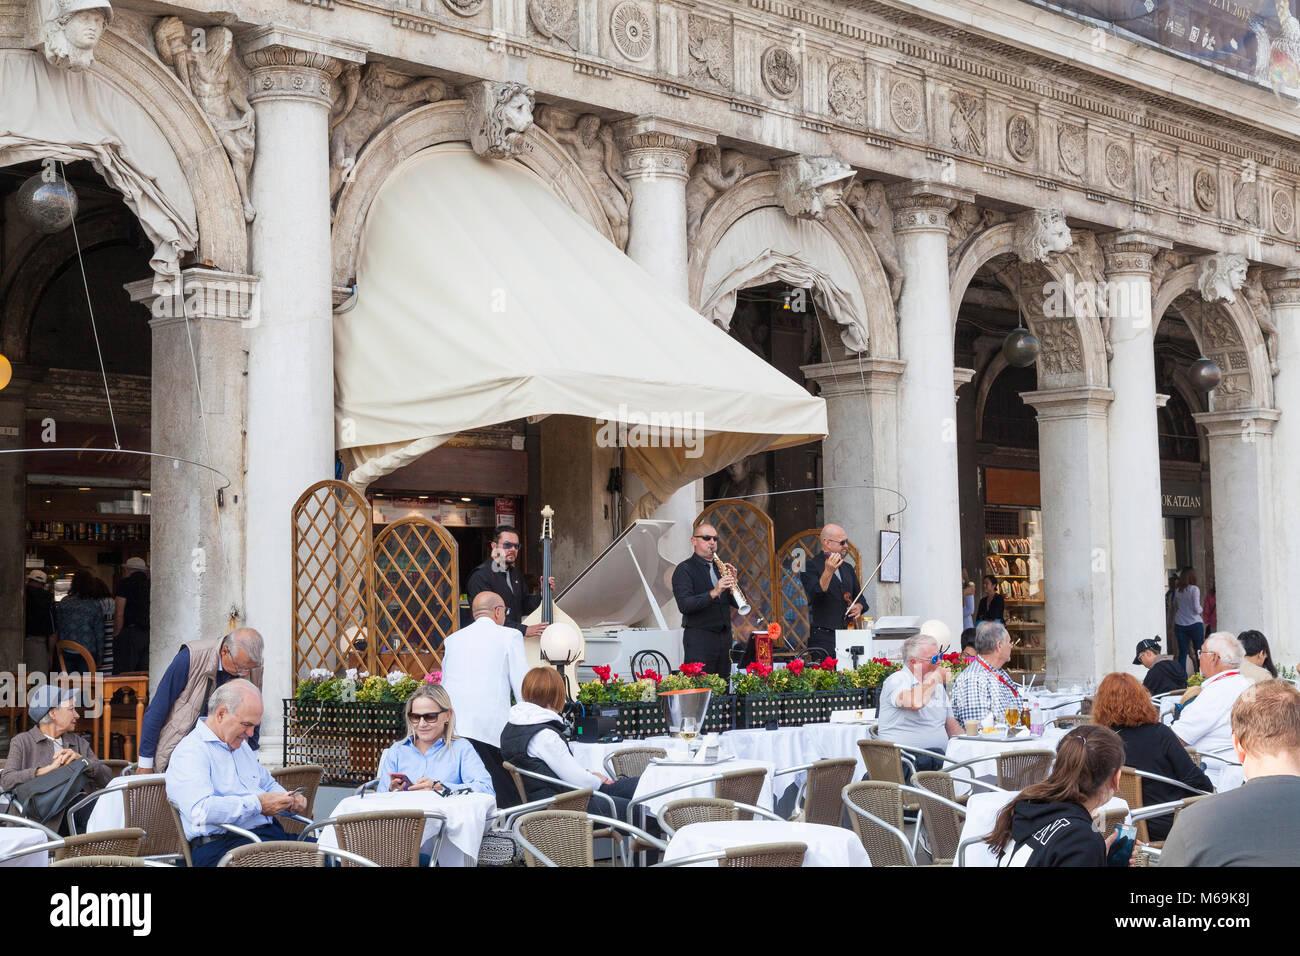 Musiker spielen klassische Musik außerhalb des Caffe Chioggia an der Piazza San Marco, Venedig, Italien als Stockbild